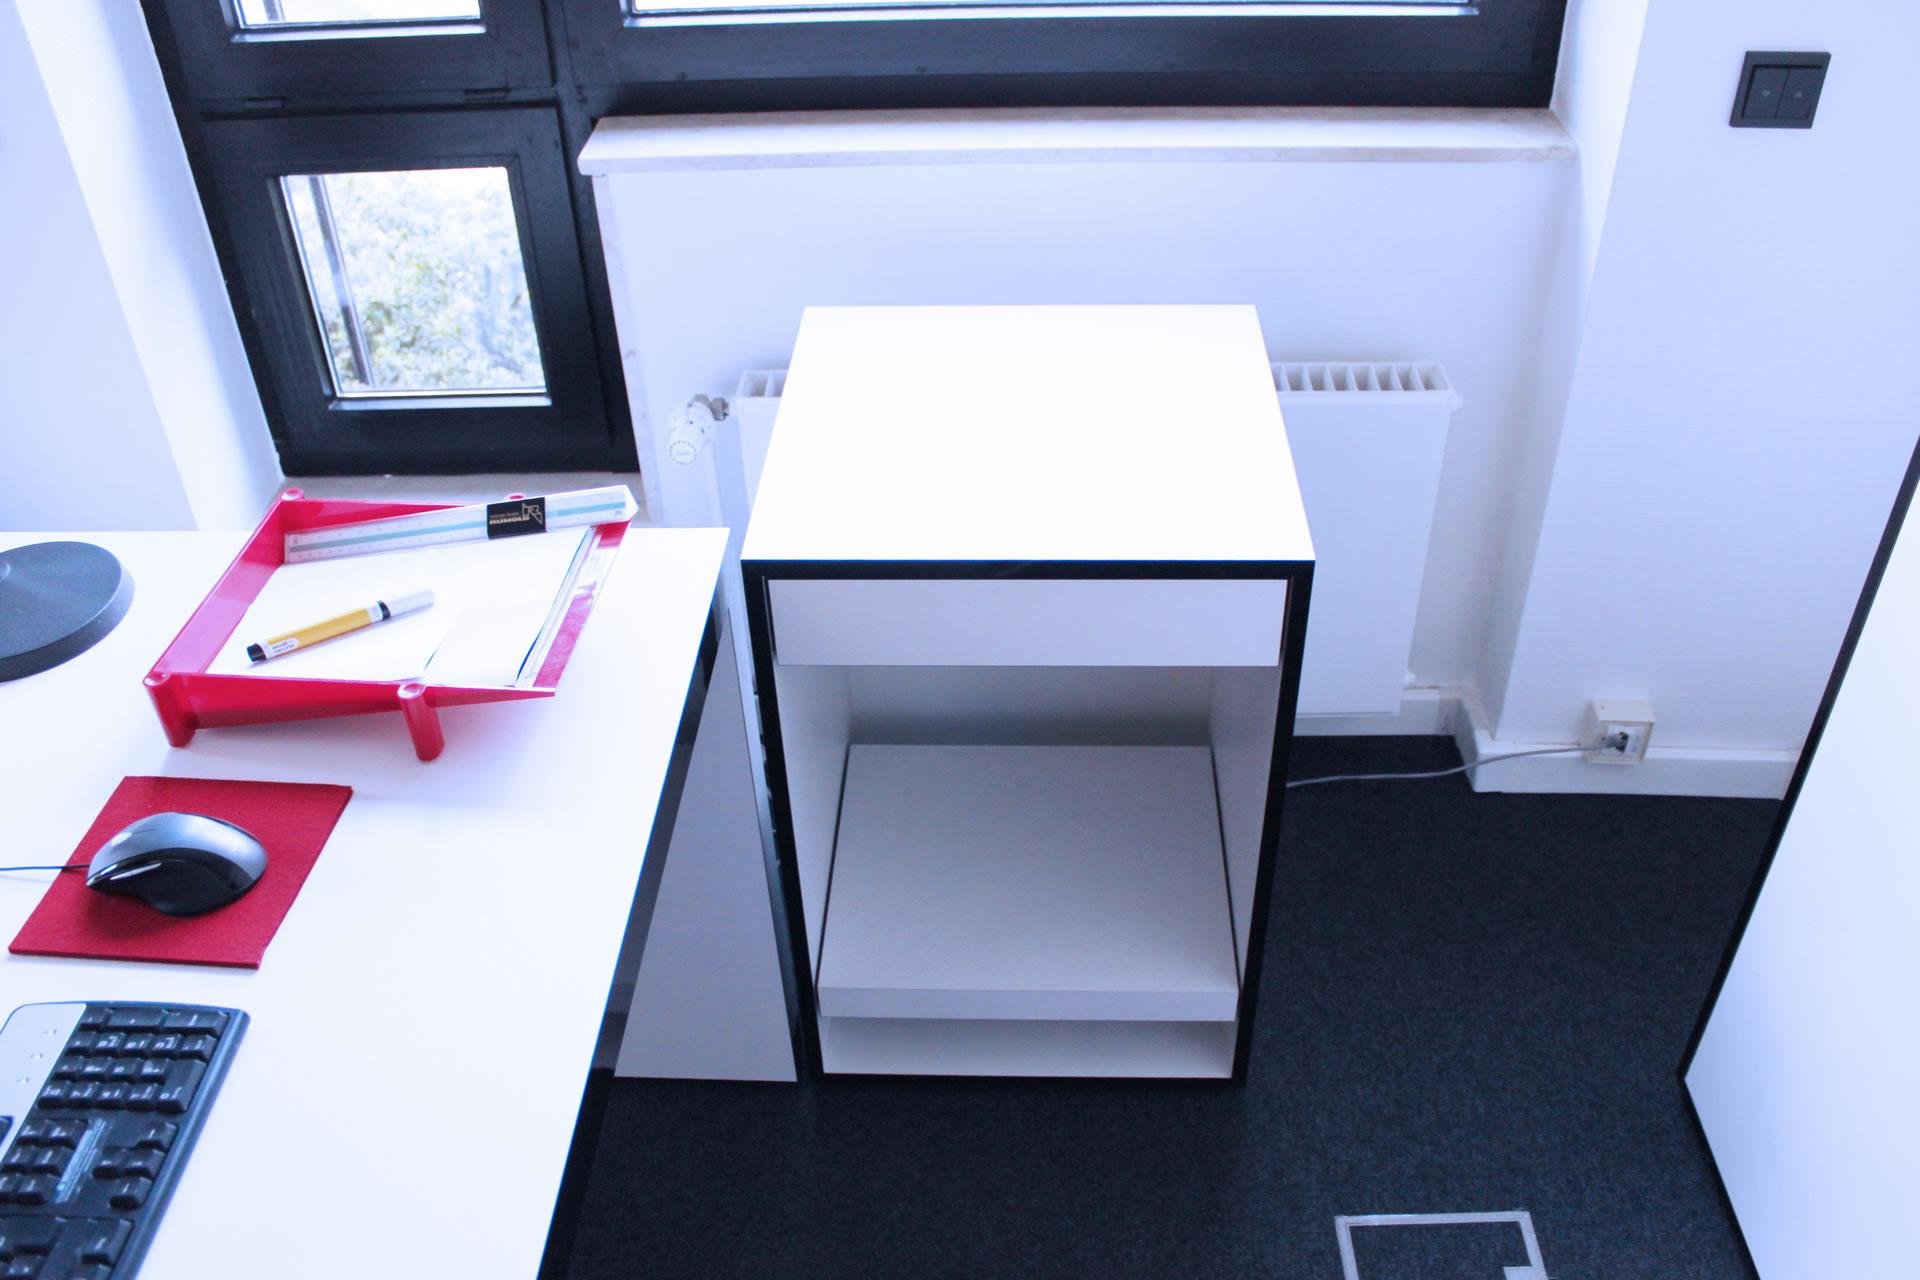 mobel finanzieren inspiratie het beste interieur. Black Bedroom Furniture Sets. Home Design Ideas